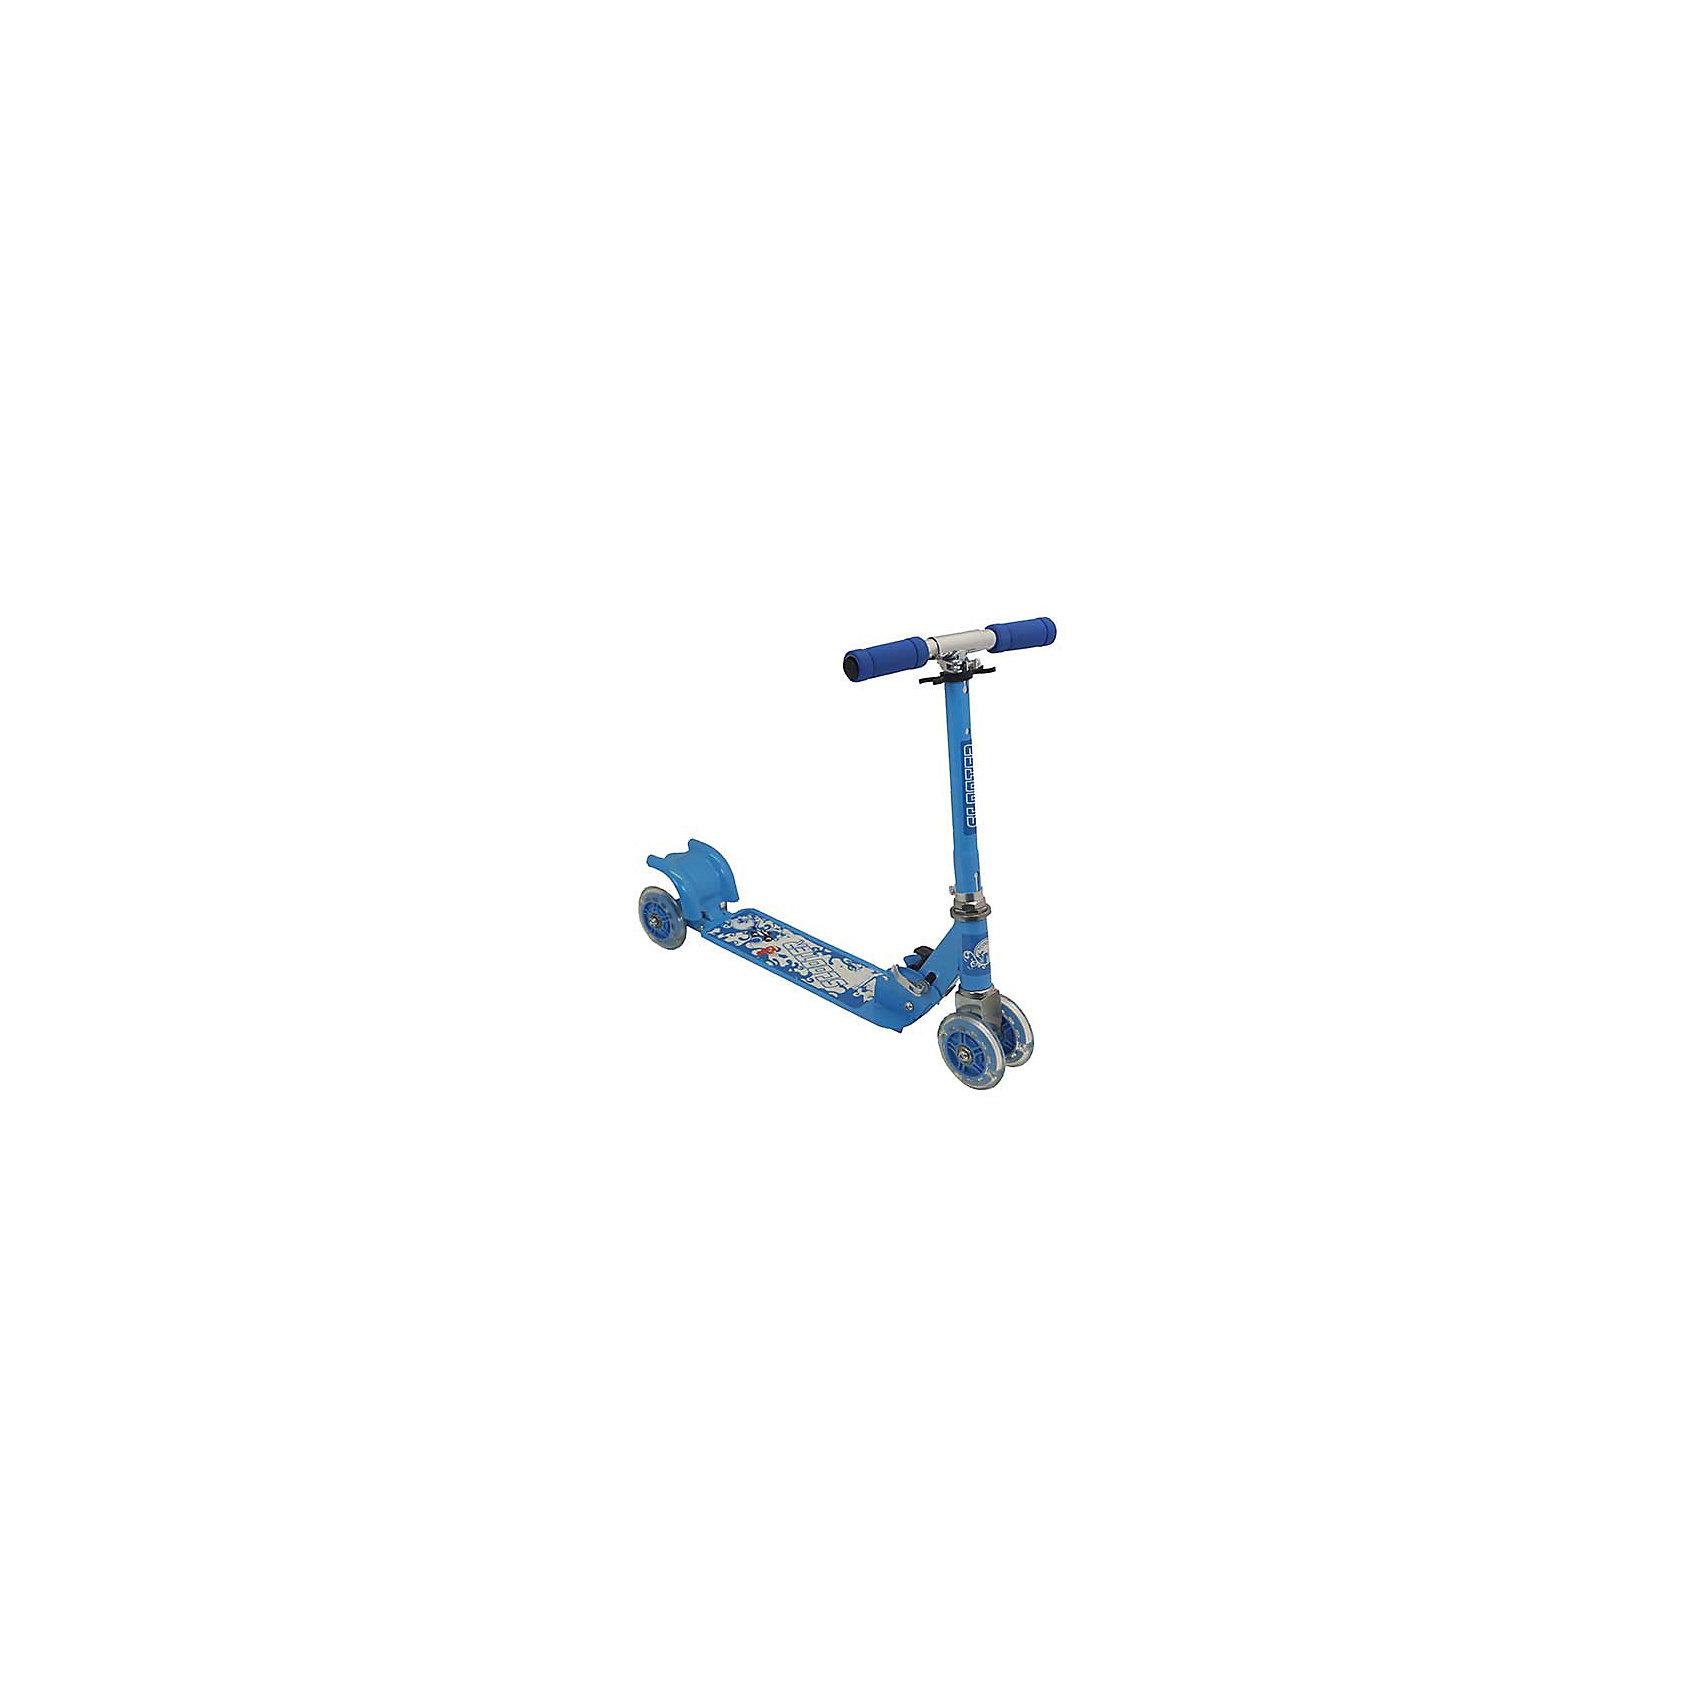 Самокат четырехколесный, колеса 98мм PVC, голубой, CharmingsportsСамокаты<br>Основные характеристики<br><br>Тип: четырехколесный, складной<br>Материал рамы: 100% сталь<br>Материал ручек: вспененный полипропилен<br>Размер деки: 330х105мм (с порошковым напылением)<br>Регулируемая высота рулевой стойки (макс. - 66см)<br>Материал колёс: поливинилхлорид<br>Размер колёс: 98мм (светящиеся)<br>Подшипник: ABEC-5<br>Максимальный вес пользователя: 20кг<br>Вес: 2.17кг<br>Цвет: голубой<br>Вид использования: любительское катание на самокате<br>Страна-производитель: Китай<br>Упаковка: индивидуальная цветная коробка<br><br>Преимущества самоката CMS010:<br><br>- необычные светящиеся колеса;<br>- простая в использовании система торможения с помощью заднего колеса (достаточно наступить на педаль тормоза, расположенную над задним колесом);<br>- надежная устойчивая складная конструкция;<br>- мягкие ручки.<br><br>Ширина мм: 540<br>Глубина мм: 100<br>Высота мм: 160<br>Вес г: 2170<br>Возраст от месяцев: 36<br>Возраст до месяцев: 84<br>Пол: Унисекс<br>Возраст: Детский<br>SKU: 5514778